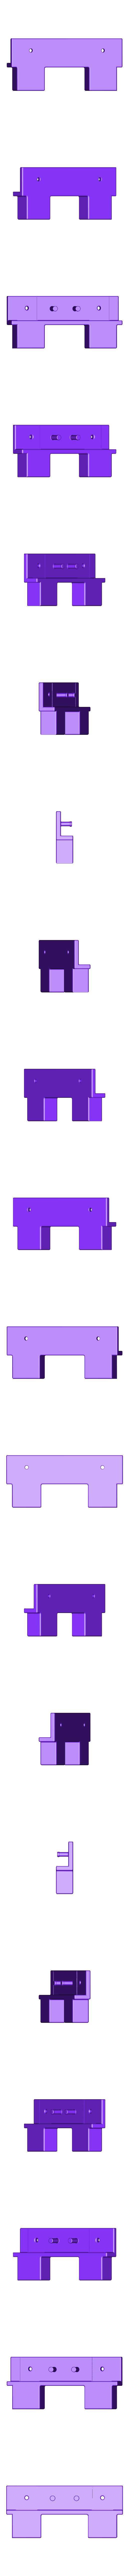 vernier_holder.STL Download free STL file Vernier Holder • Design to 3D print, Saeid